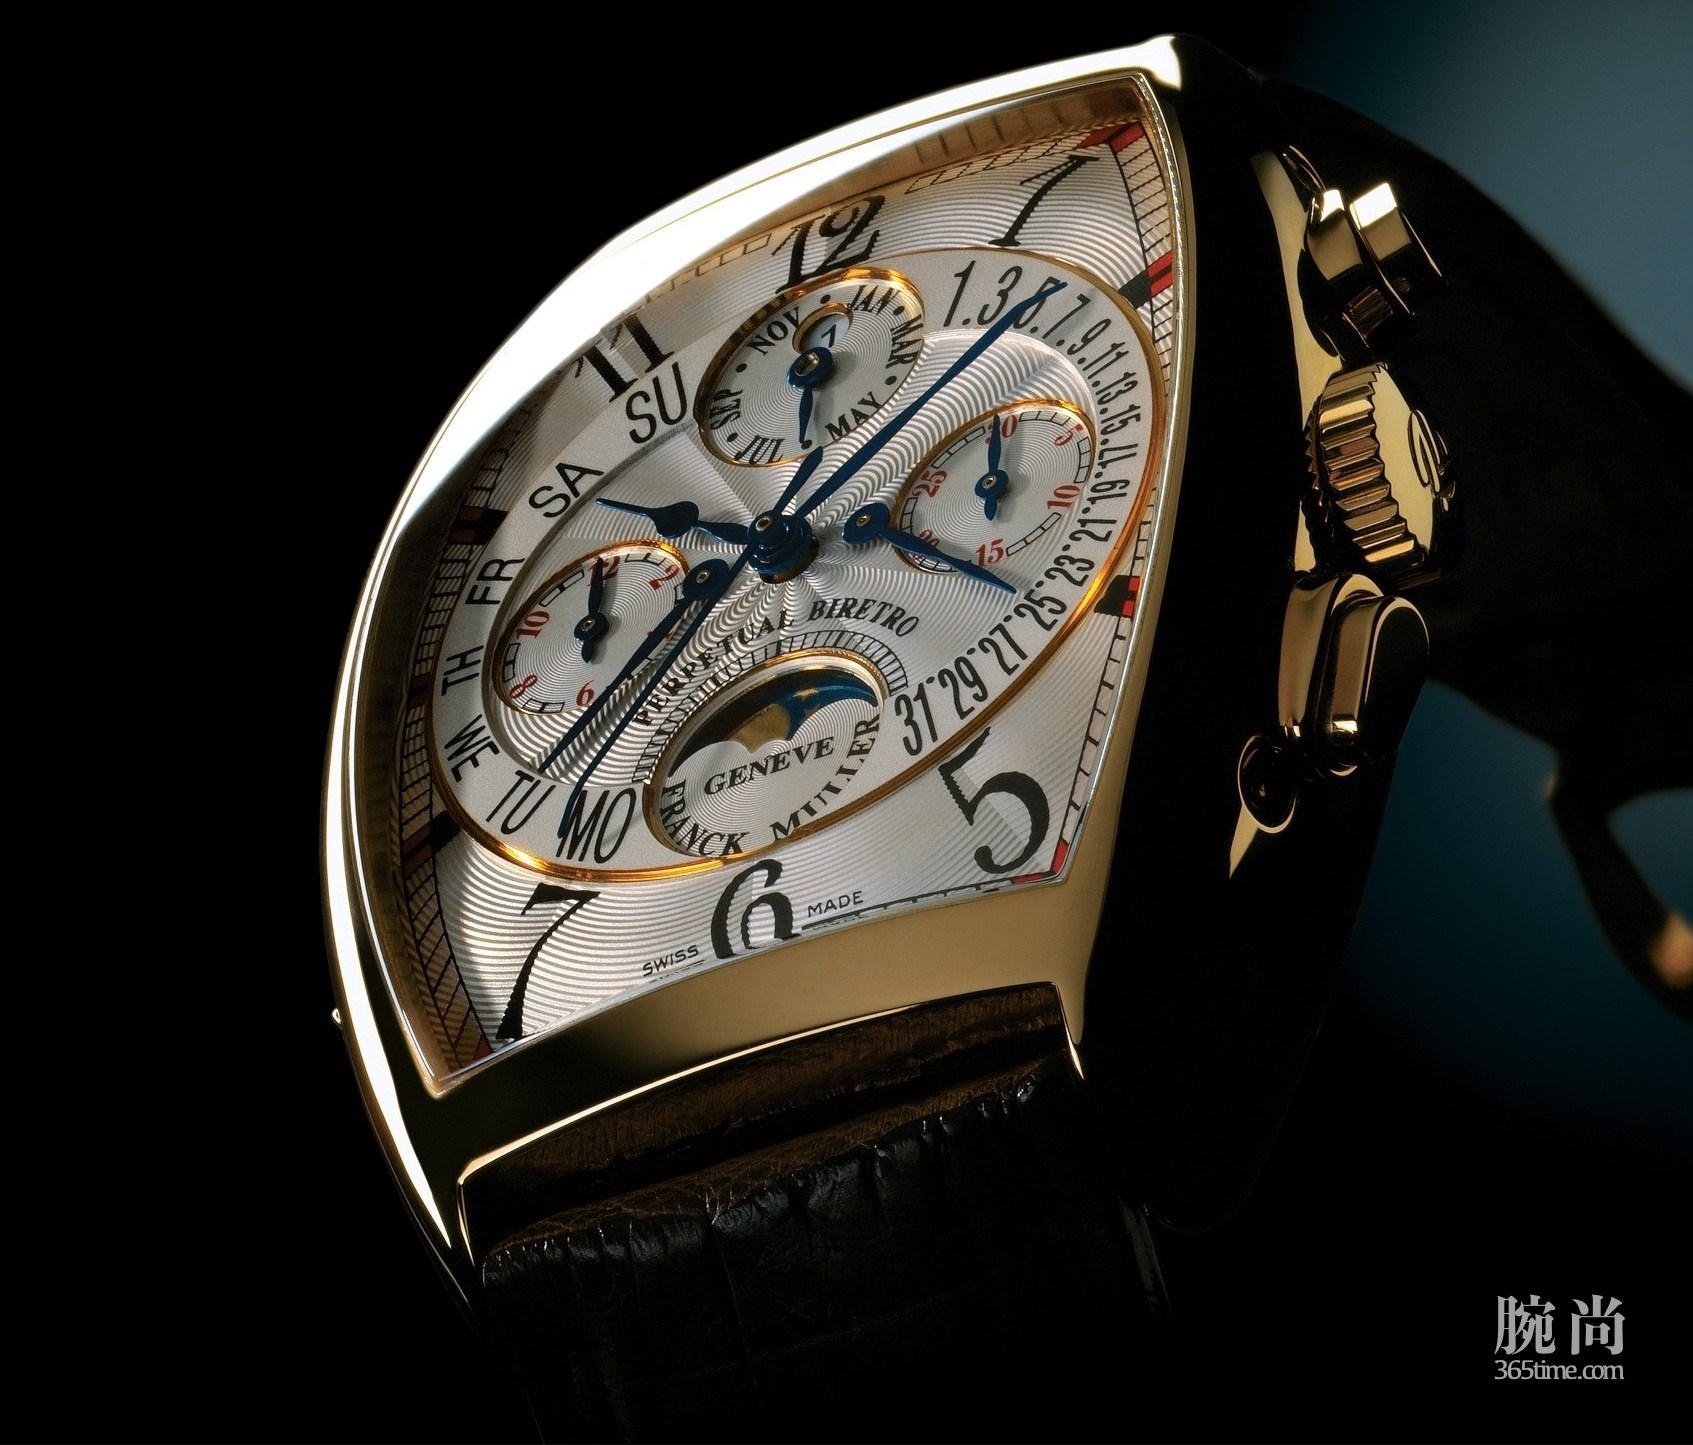 Franck-Muller-Perpetual-Calendar-Chronograph-Bi-Retro-1.jpg